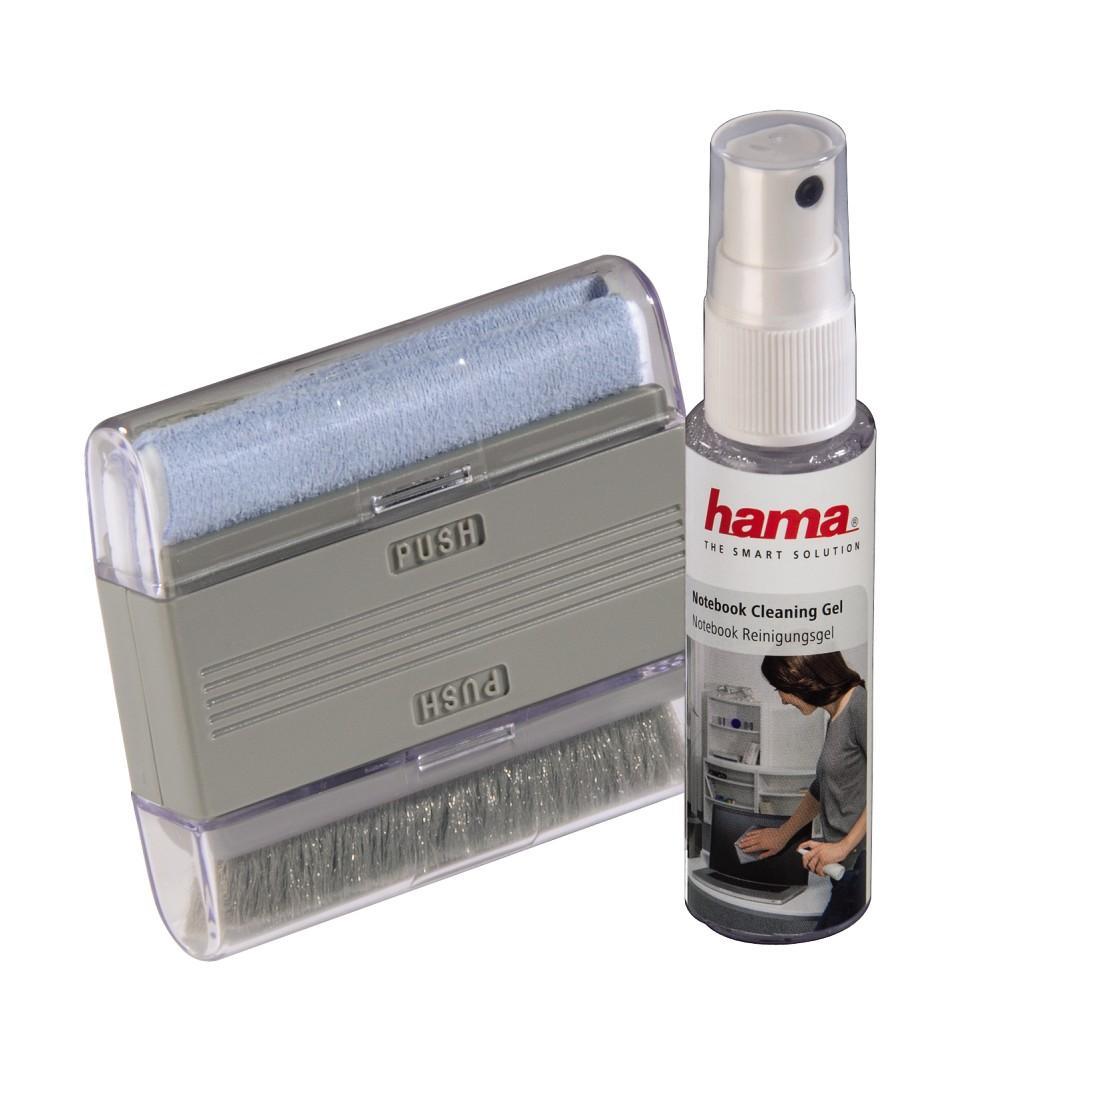 Почиств.комплект за Нотбук HAMA -гел +почистваща микрофибърна кърпичка